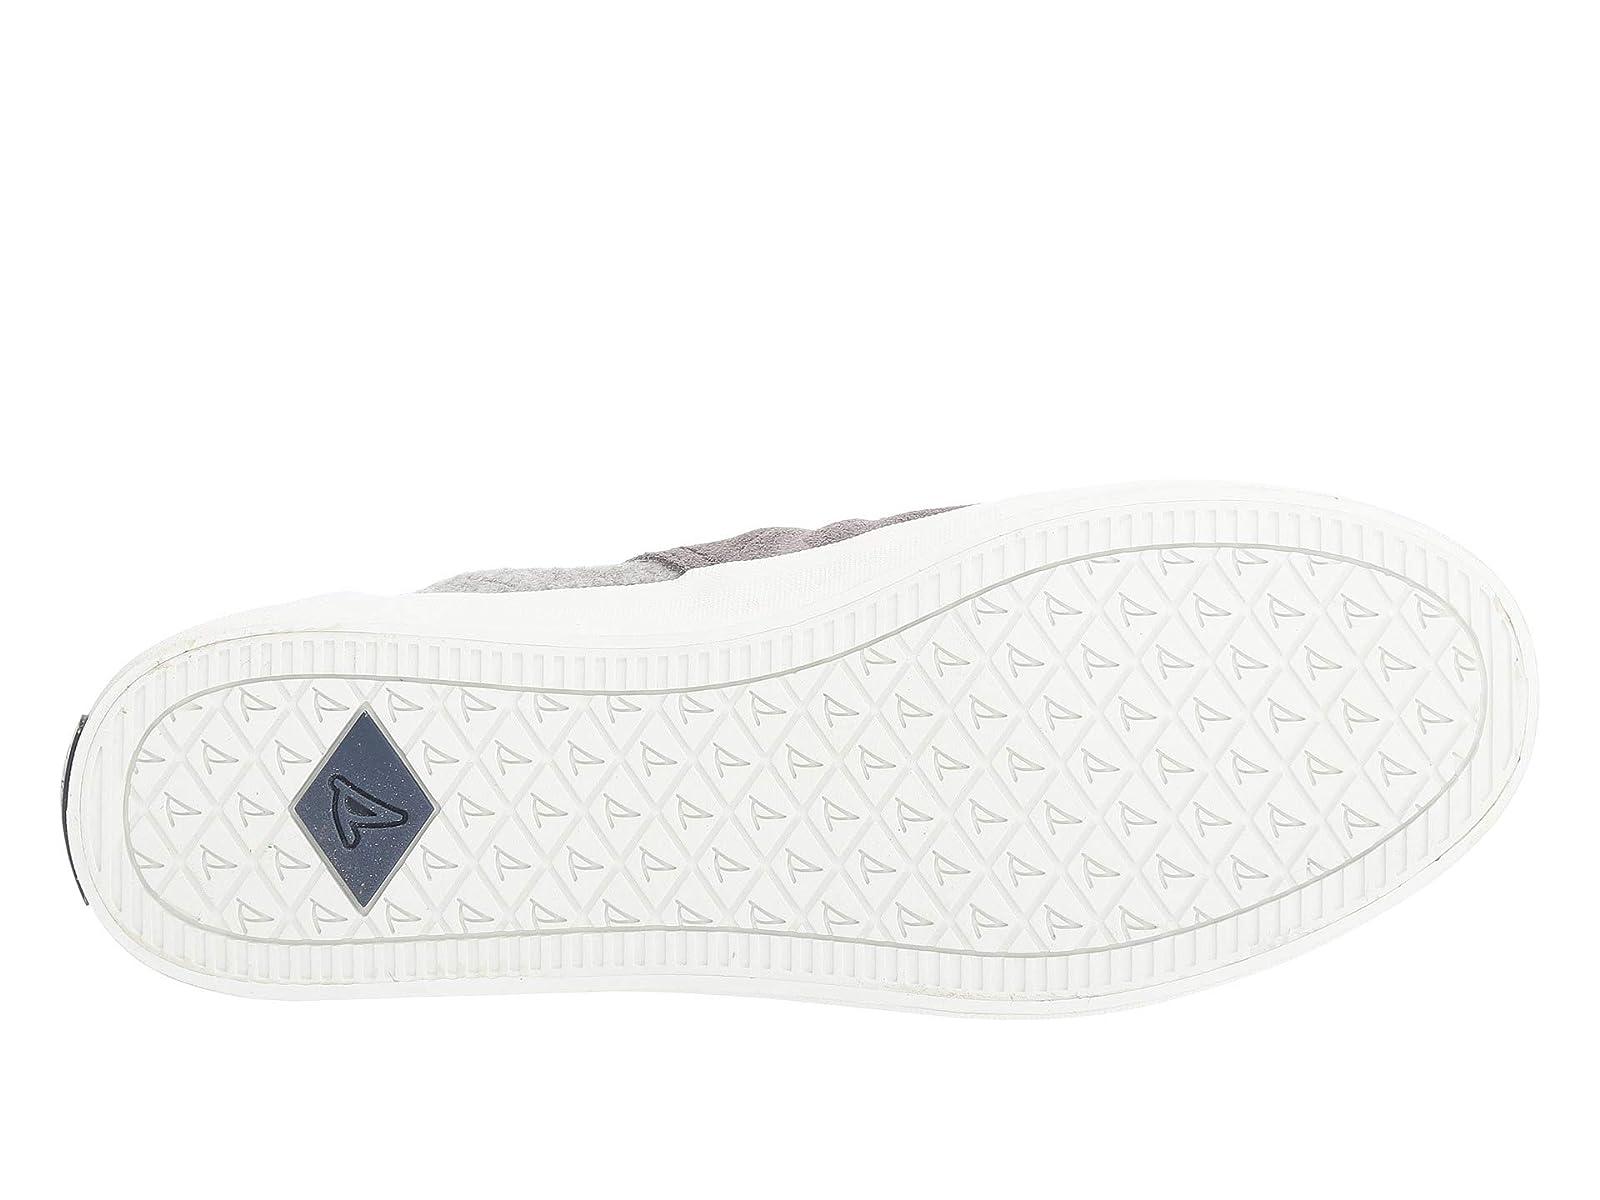 Gentlemen/Ladies  Men's/Women's Sperry Crest Zone  Gentlemen/Ladies Exquisite craftsmanship  Excellent Quality e6a471